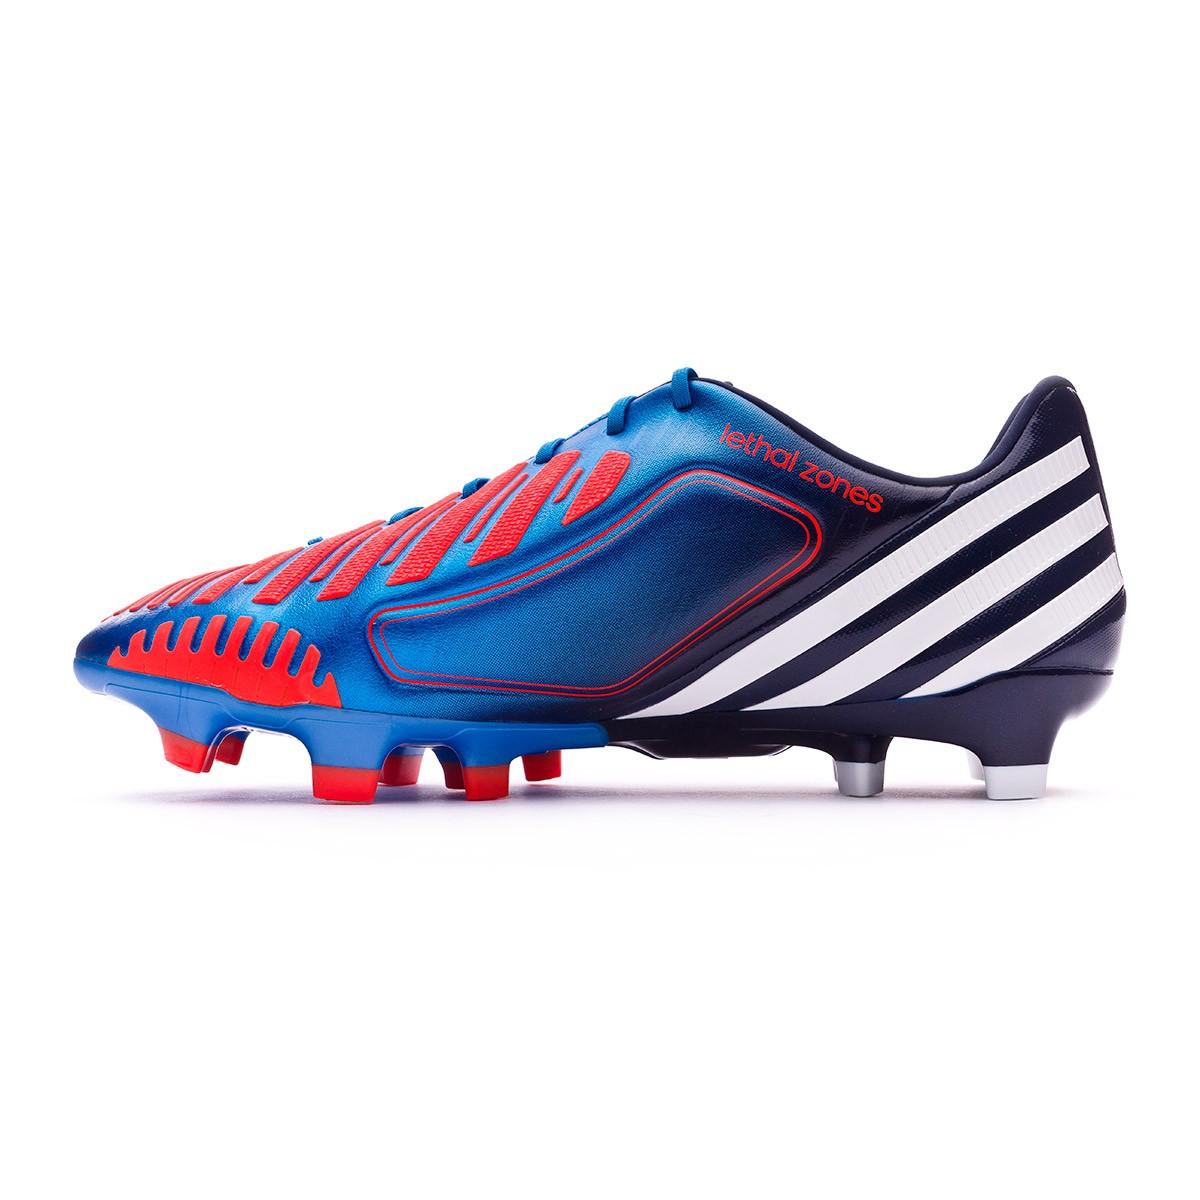 sale retailer 22bf3 190fb Bota de fútbol adidas Predator LZ TRX FG Azul-Blanco-Infrarrojo -  Soloporteros es ahora Fútbol Emotion